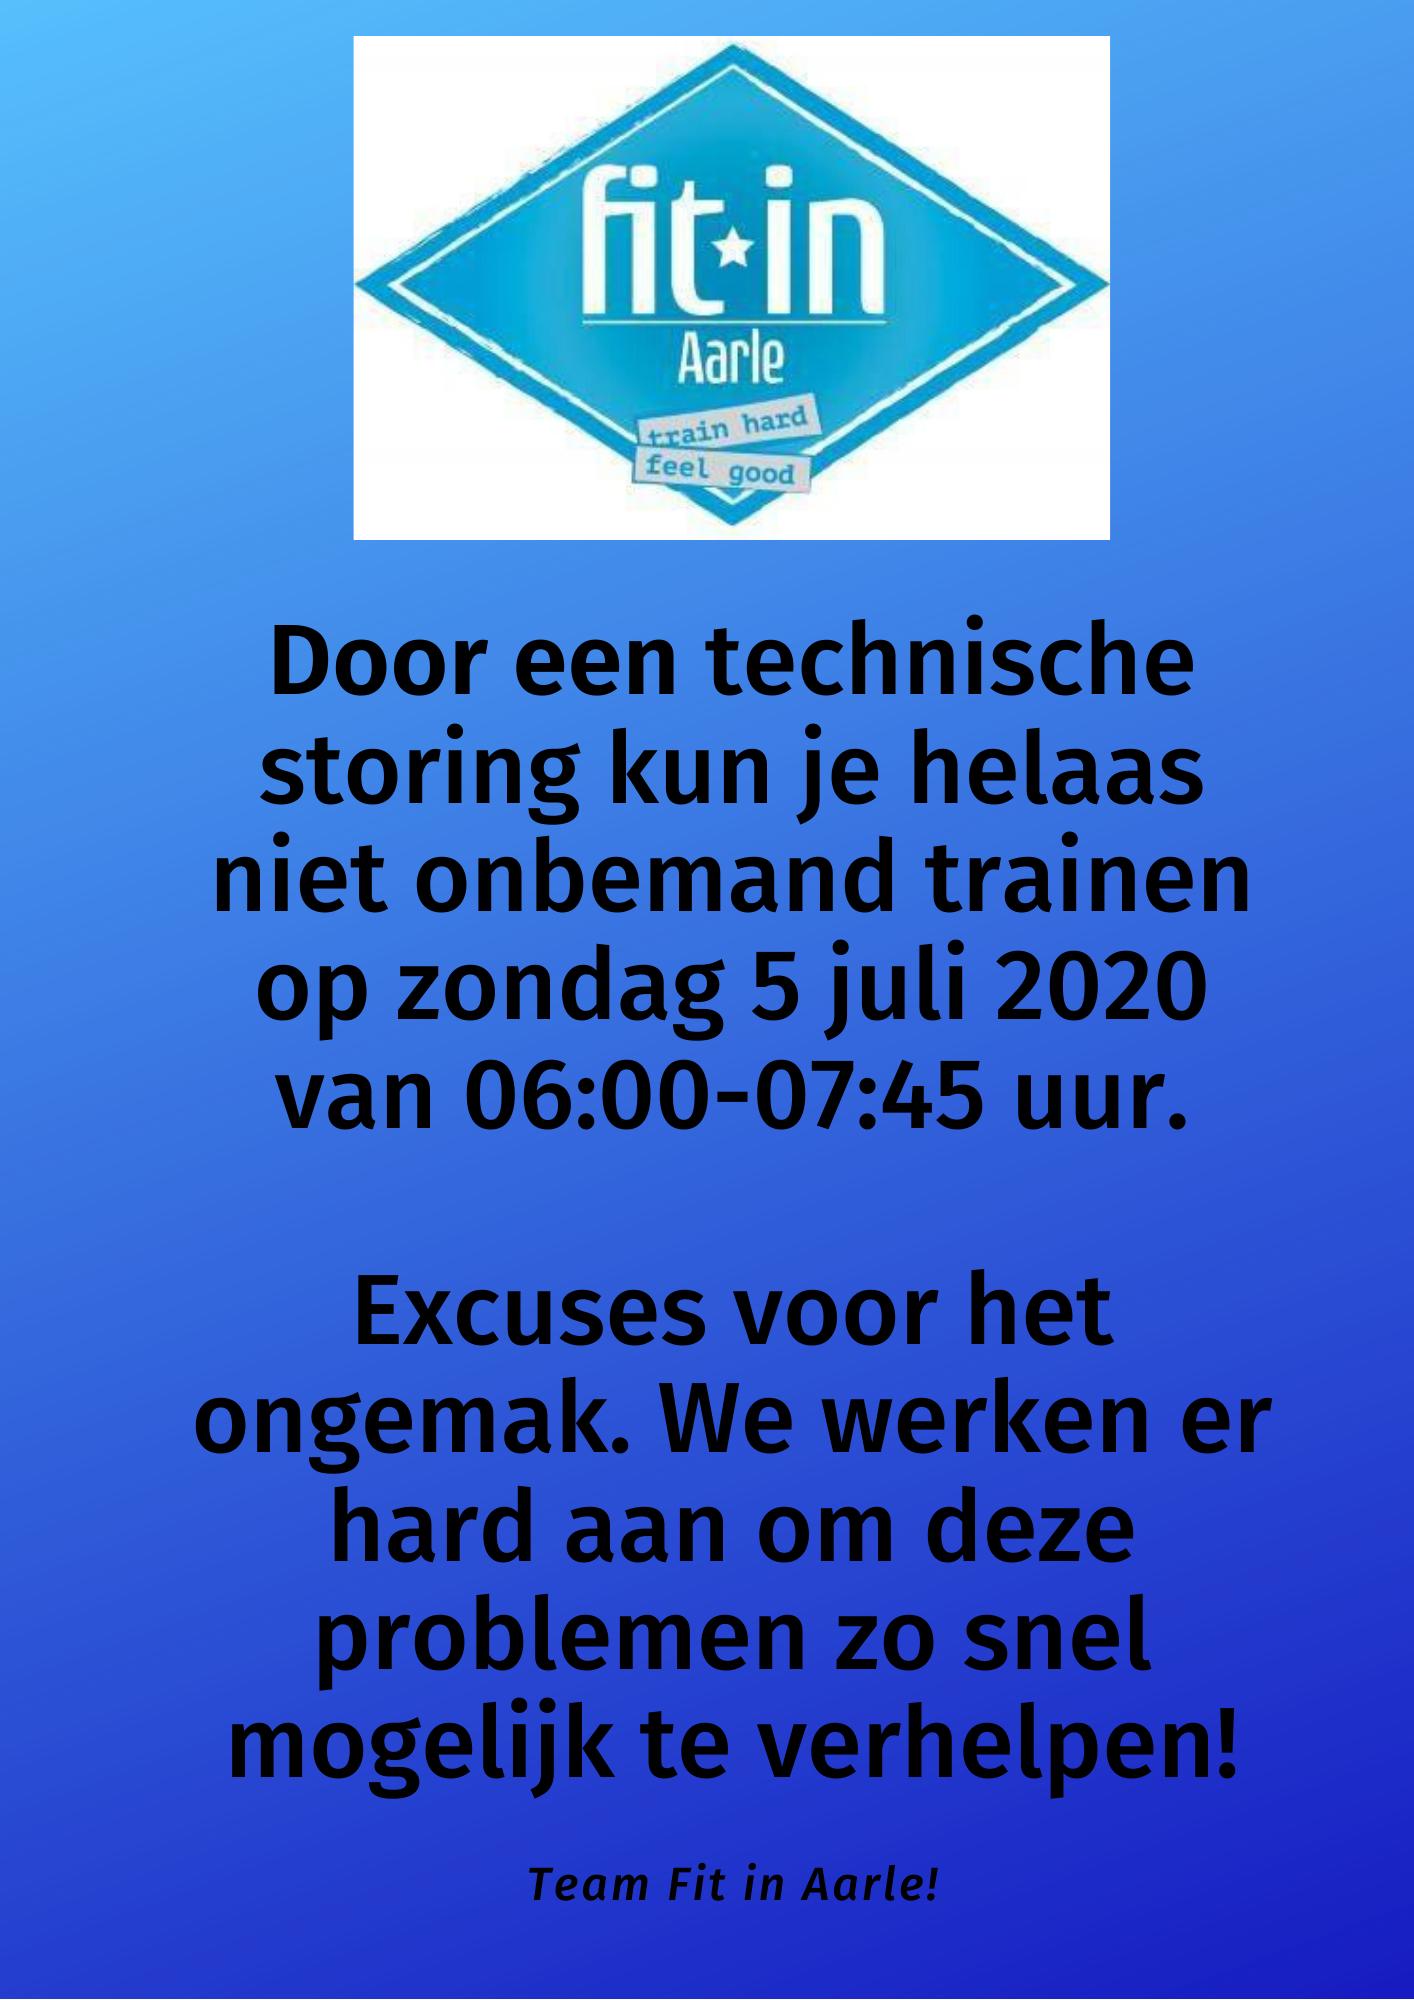 Technische storing bij Fit in Aarle waardoor onbemande toegang niet mogelijk is!